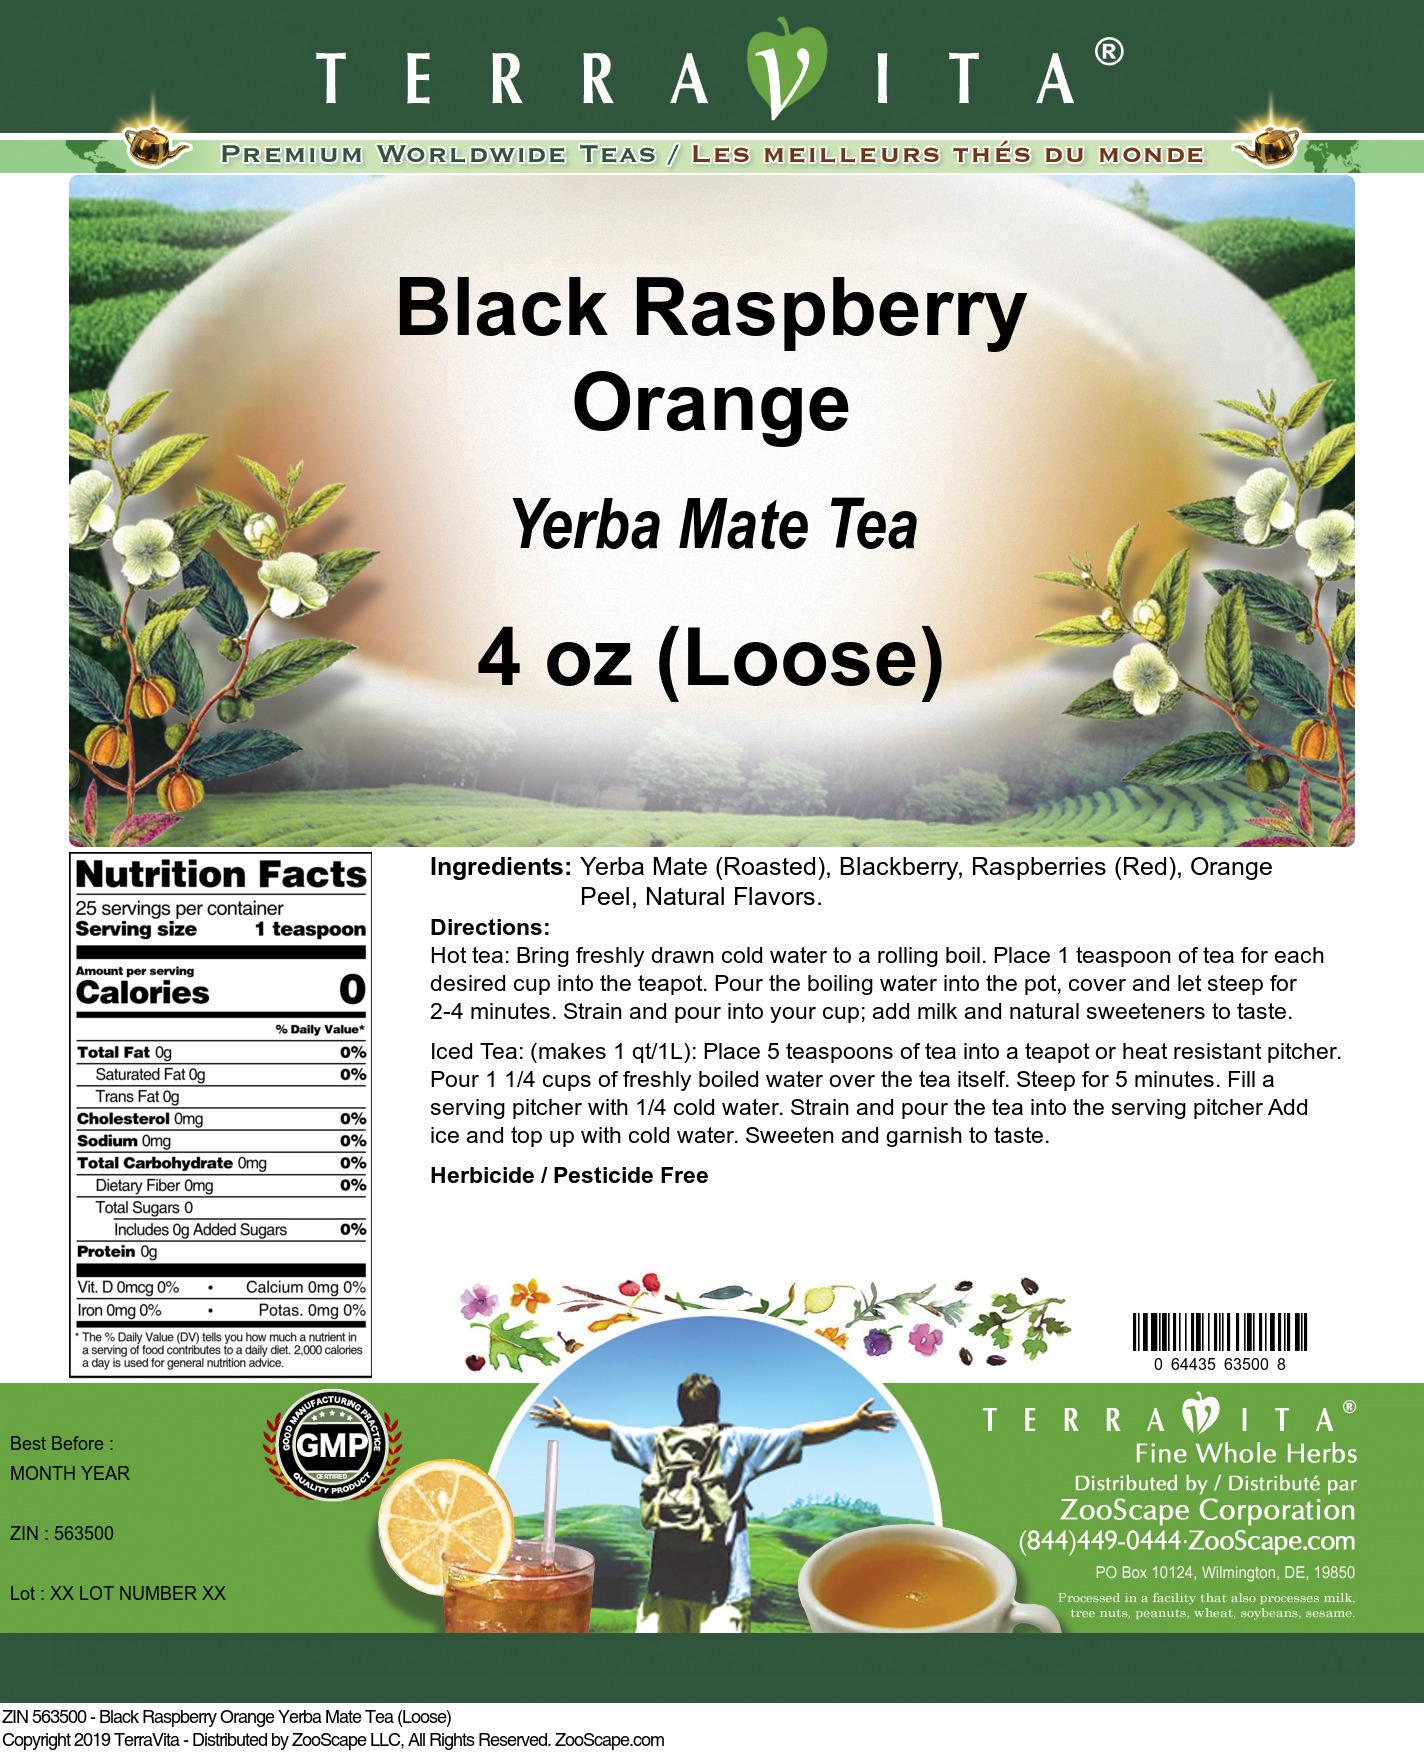 Black Raspberry Orange Yerba Mate Tea (Loose)